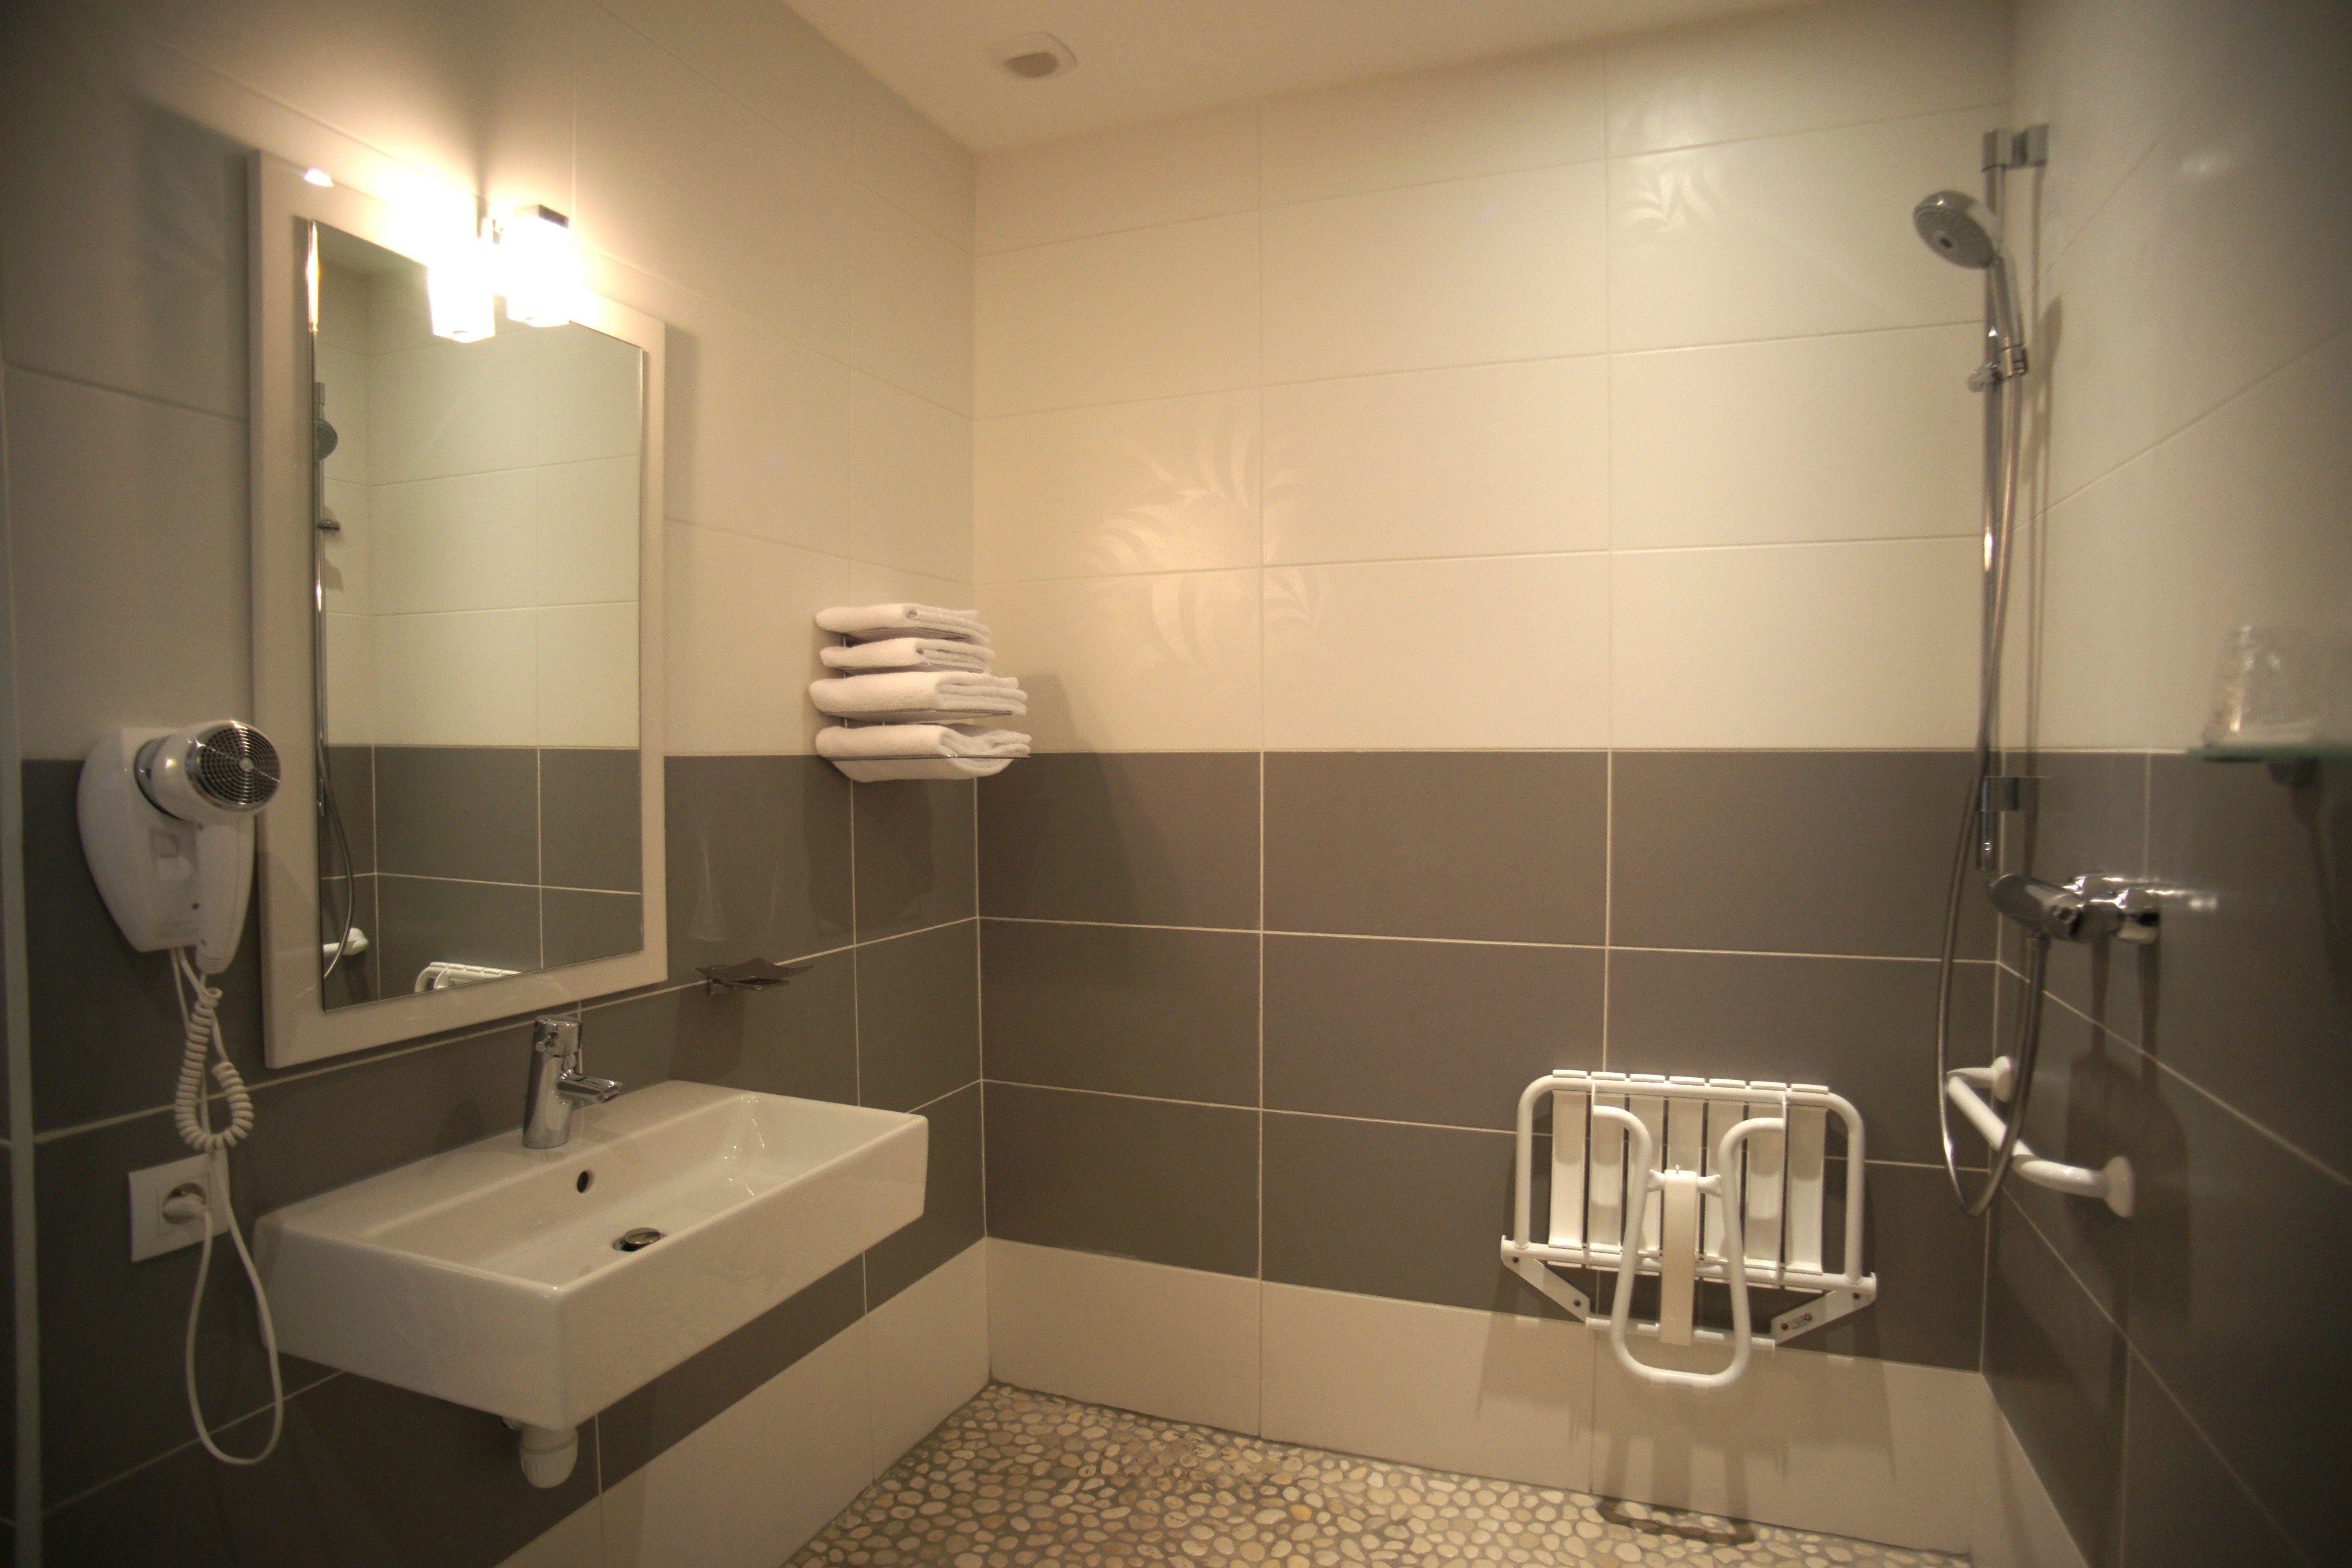 Lavabo Personne Mobilité Réduite salle de bain chambre n°8 avec aménagement pour personne à